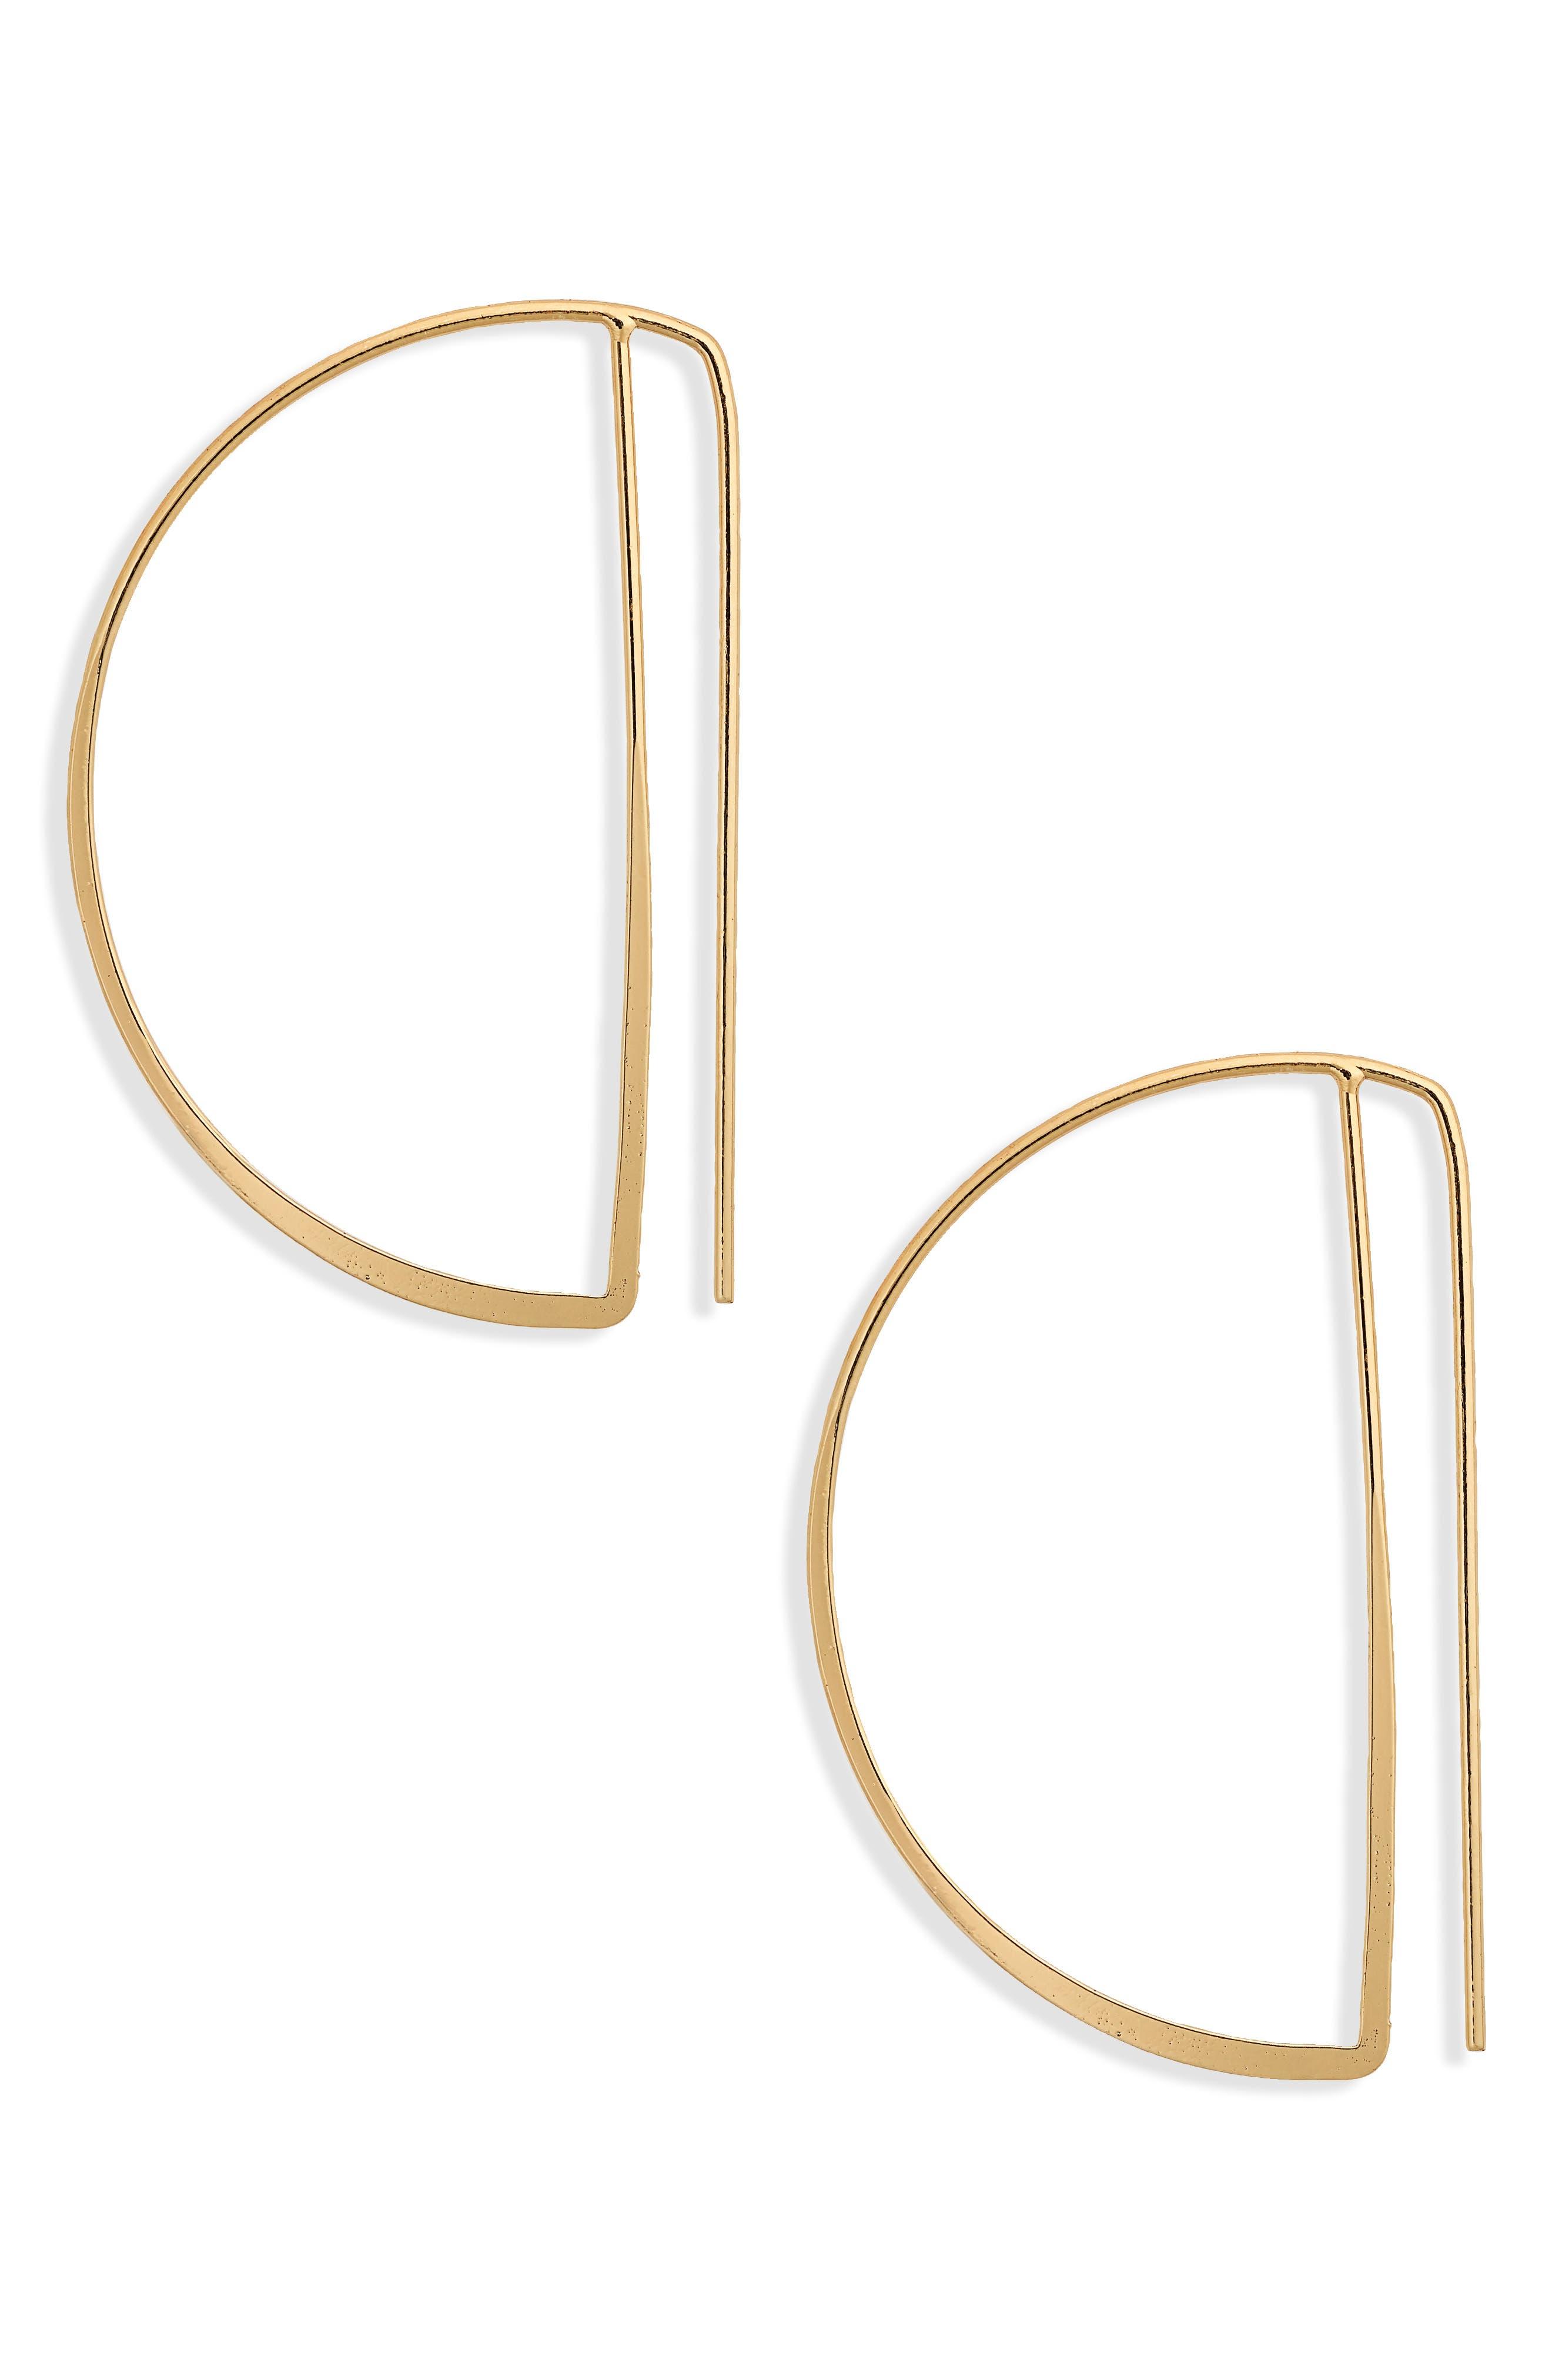 Geo Half Hoop Earrings,                             Main thumbnail 1, color,